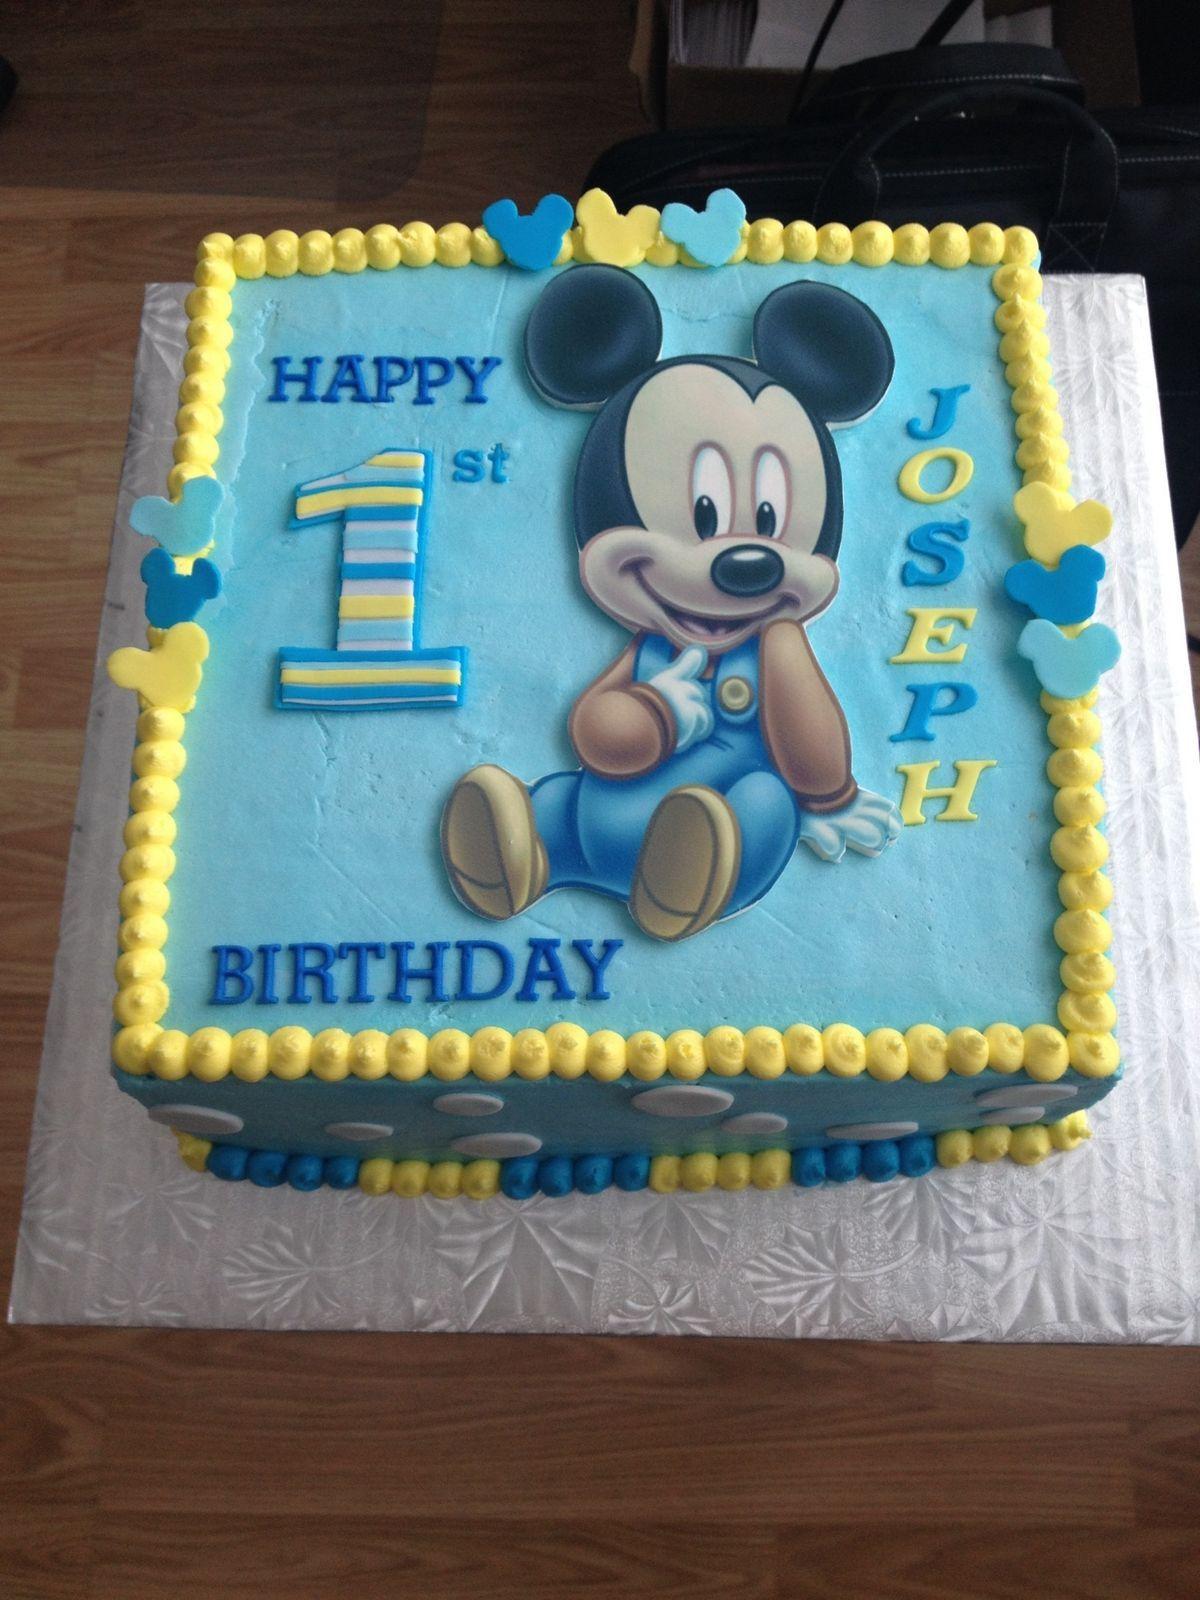 484689d92b1135f30fe443aa1be0fb27 Jpg 1 200 1 600 Pixels Mickey